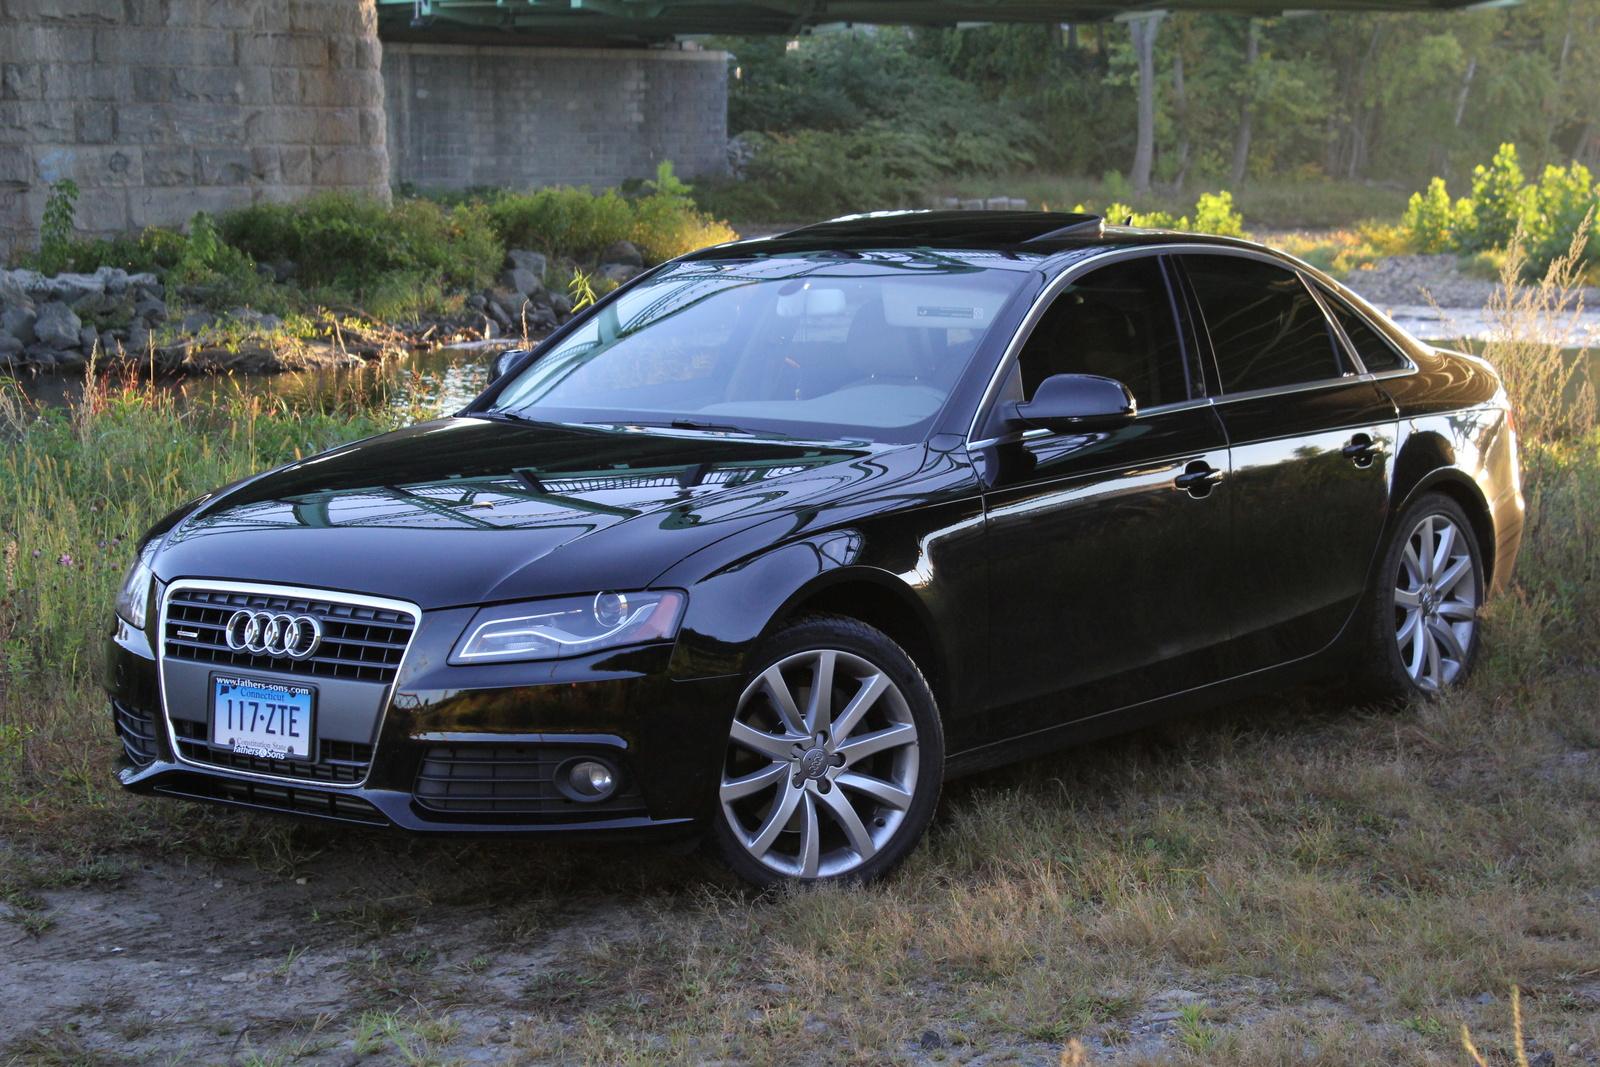 2010 Audi A4 Pictures Cargurus